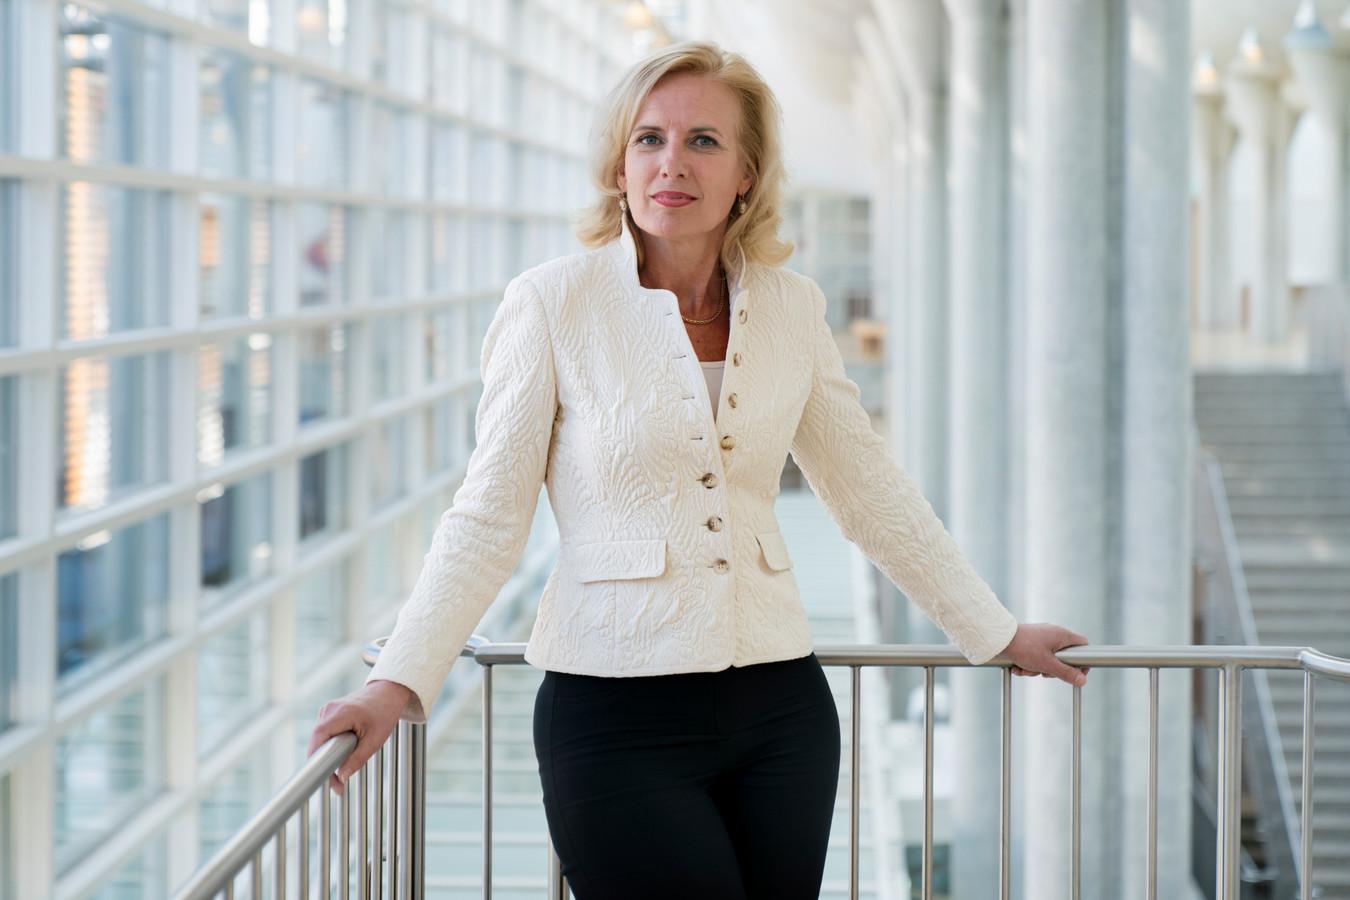 Rechtbankpresident Patricia Messer in het Paleis van Justitie in Den Bosch